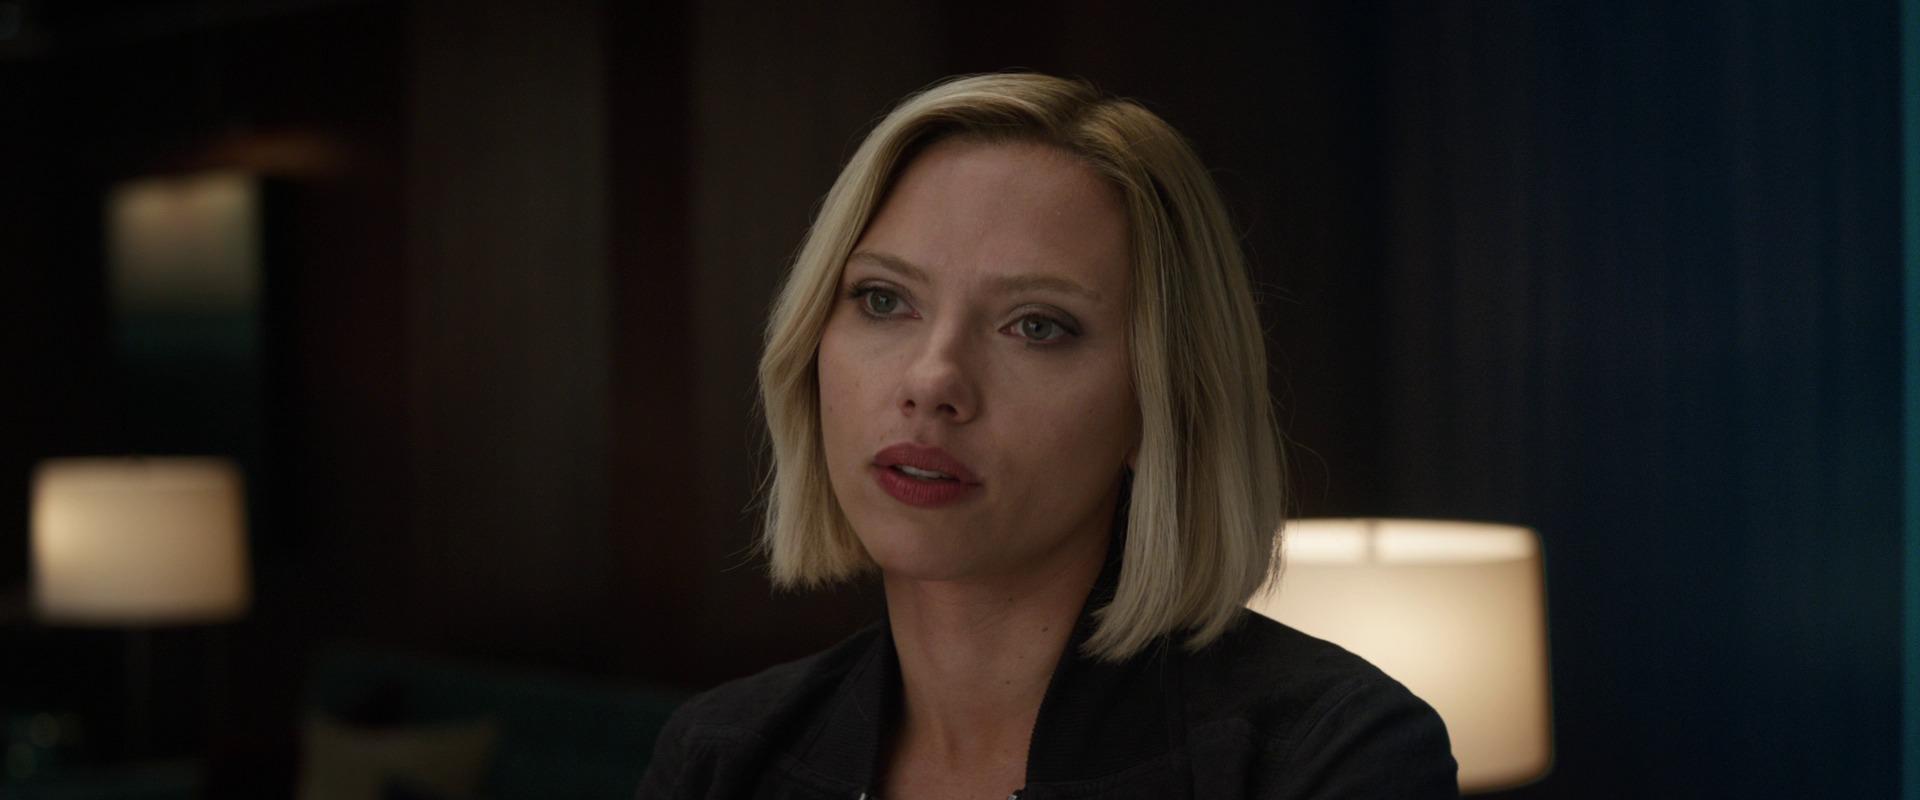 Avengers 4: Režiséři poděkovali fanouškům, že trpělivě čekali na trailer | Fandíme filmu